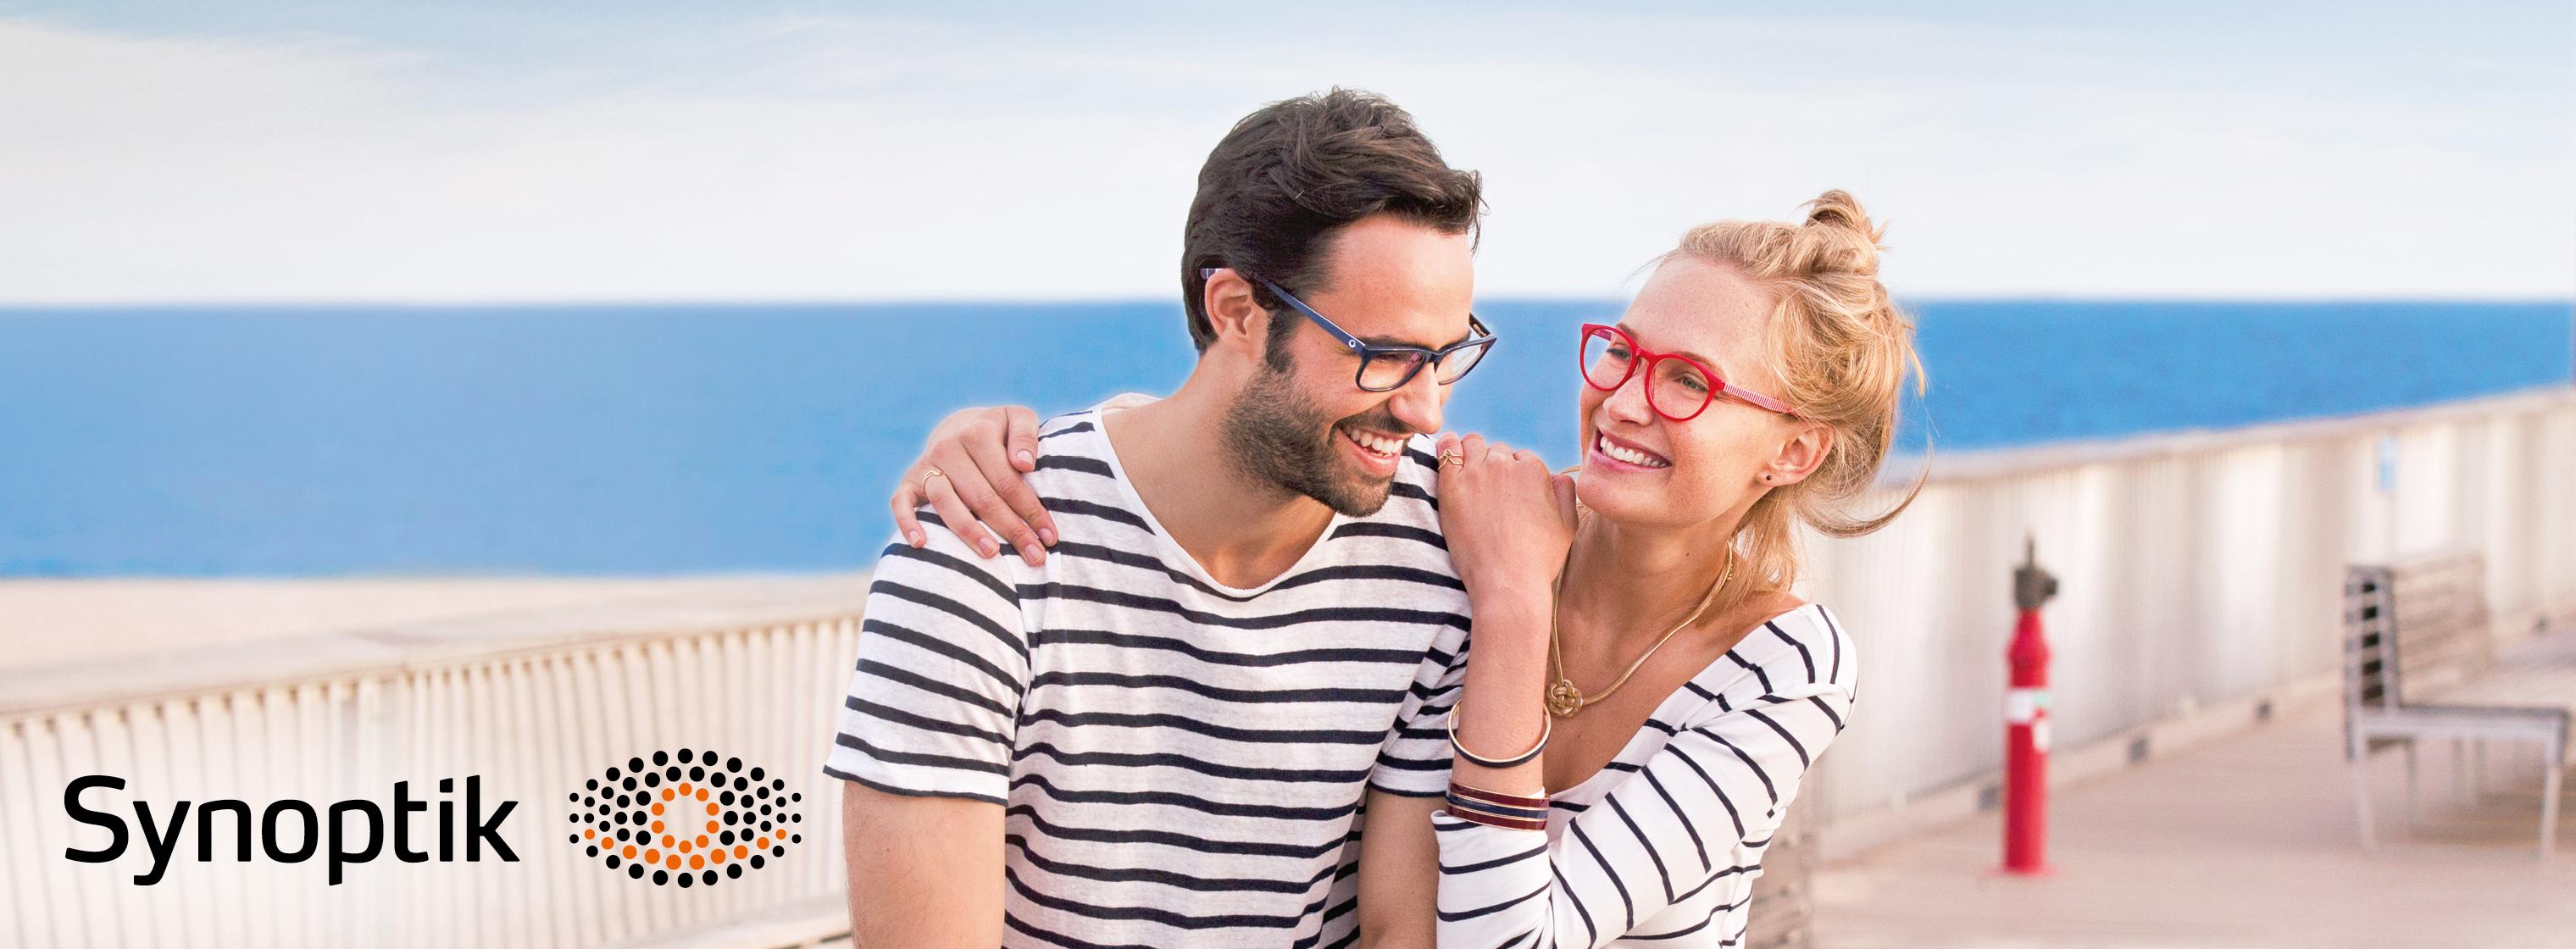 är vi officiellt dating Cairns QLD